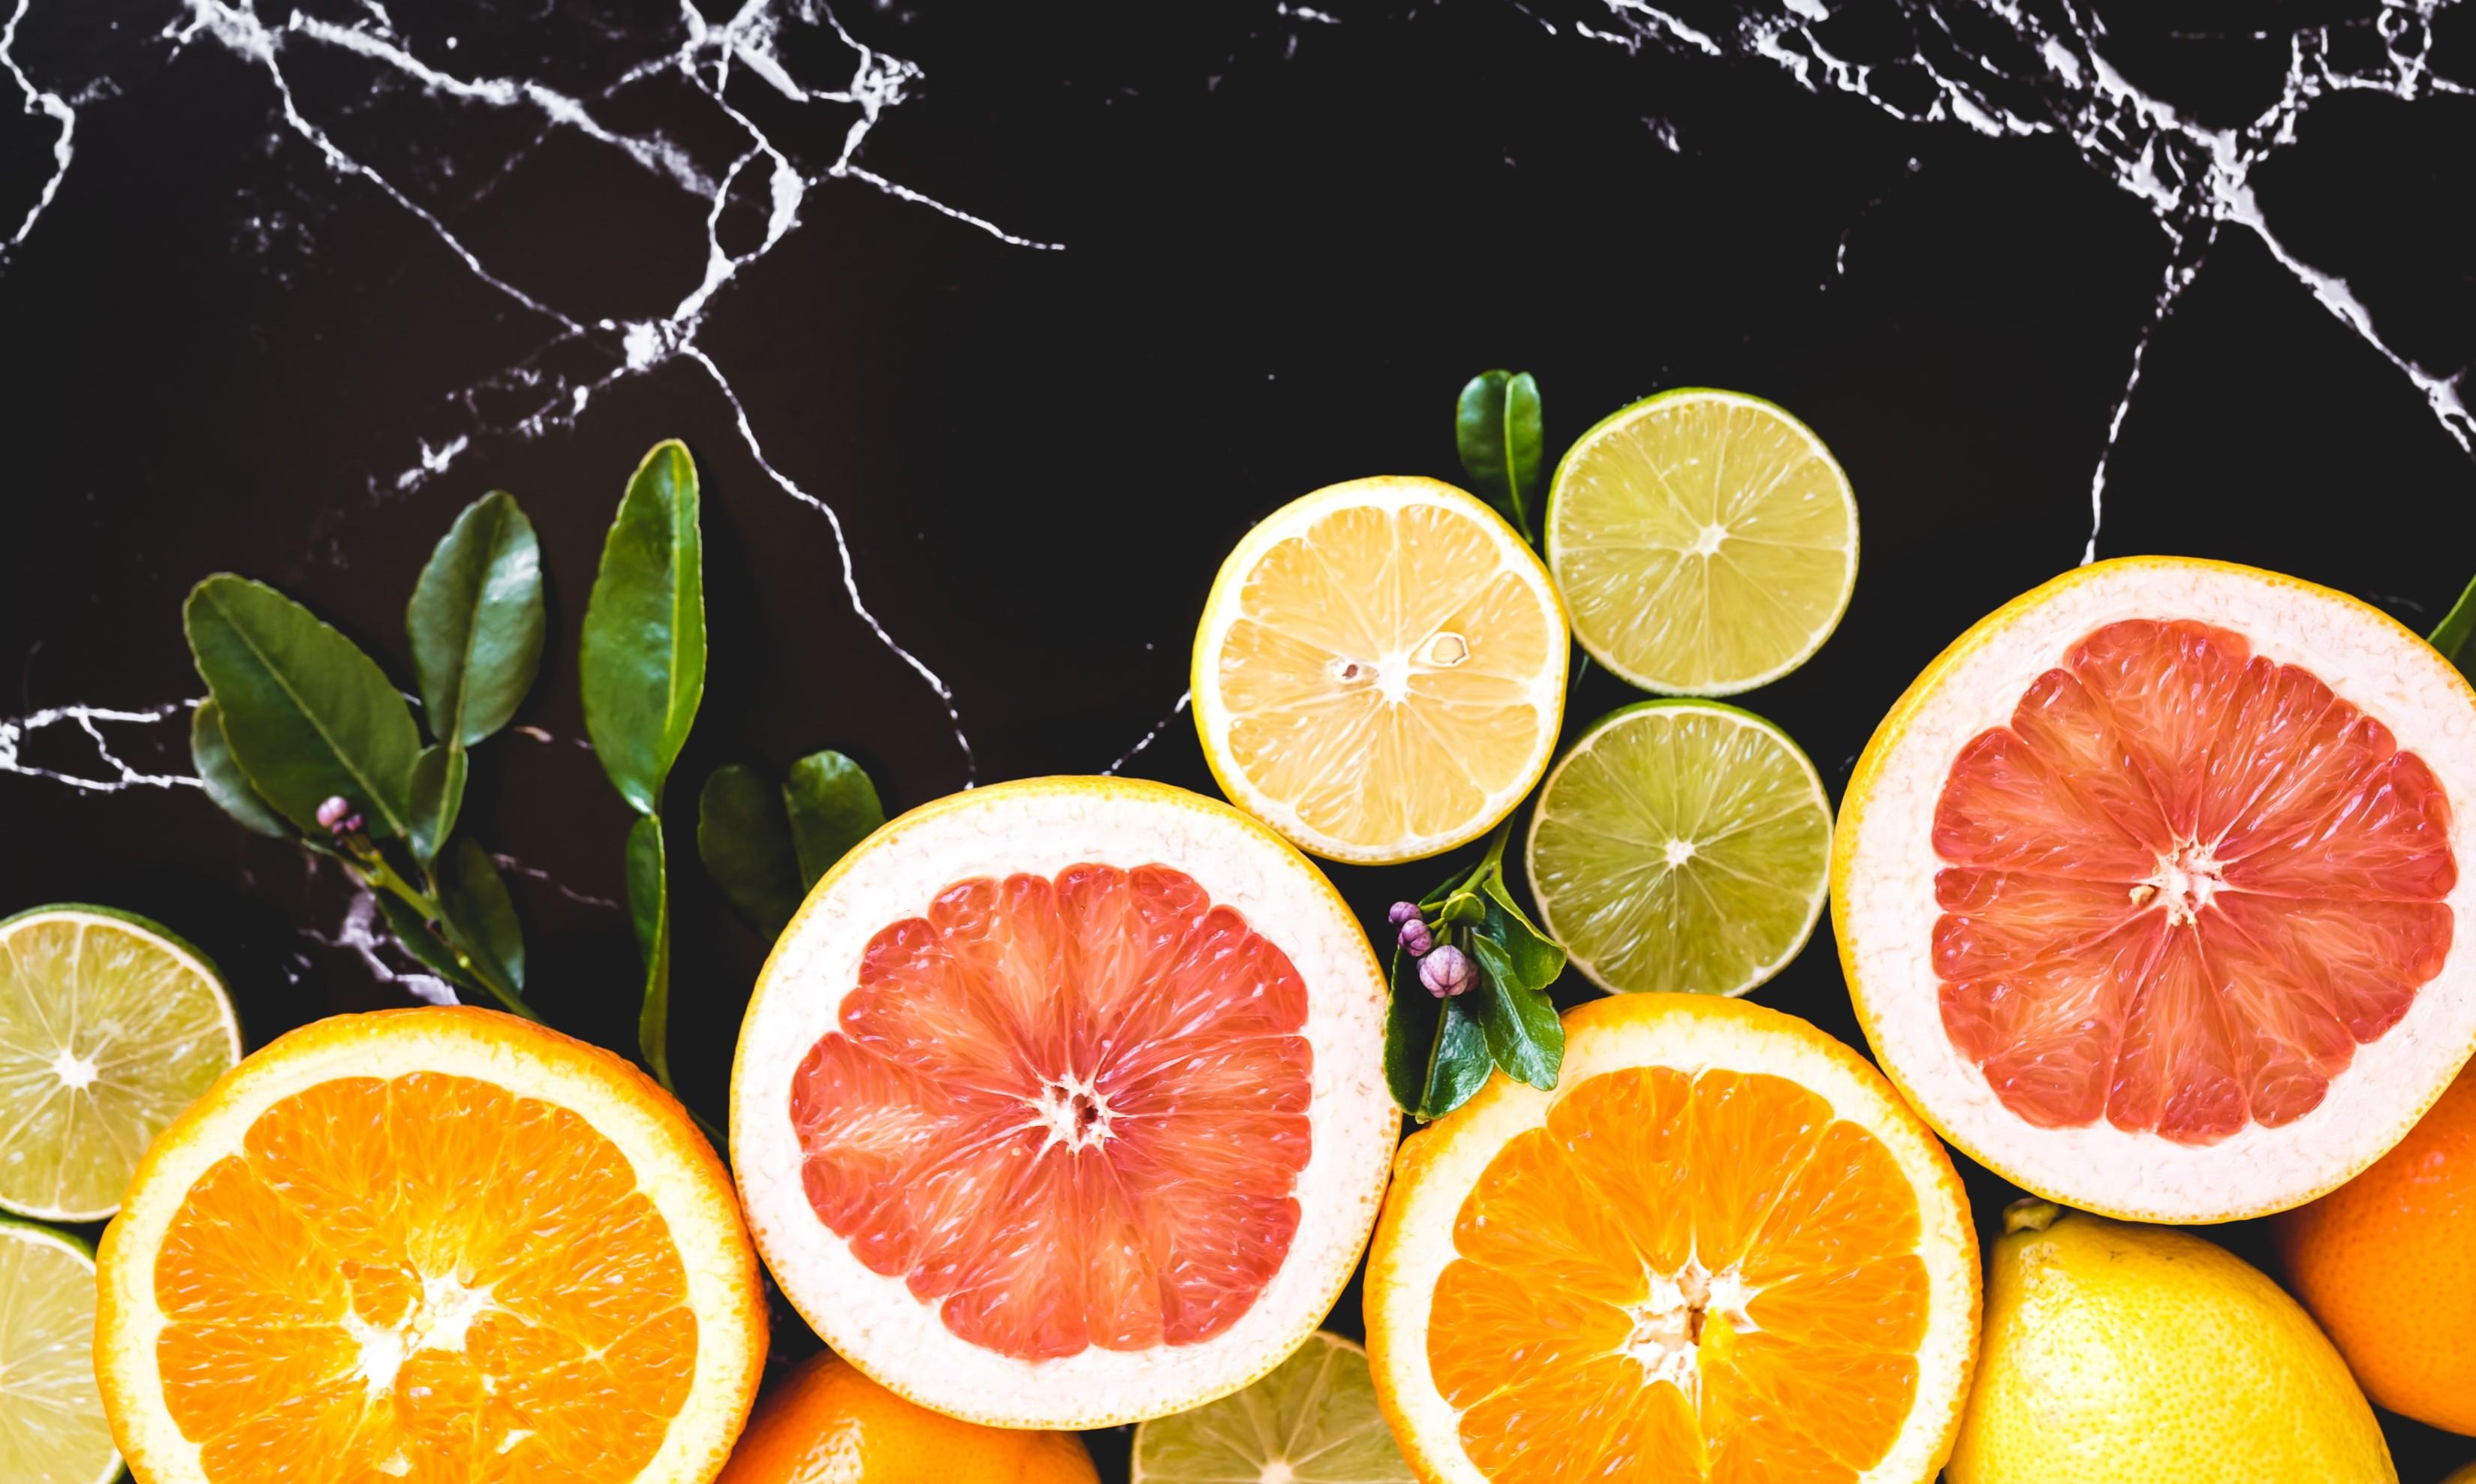 European market good for SA citrus